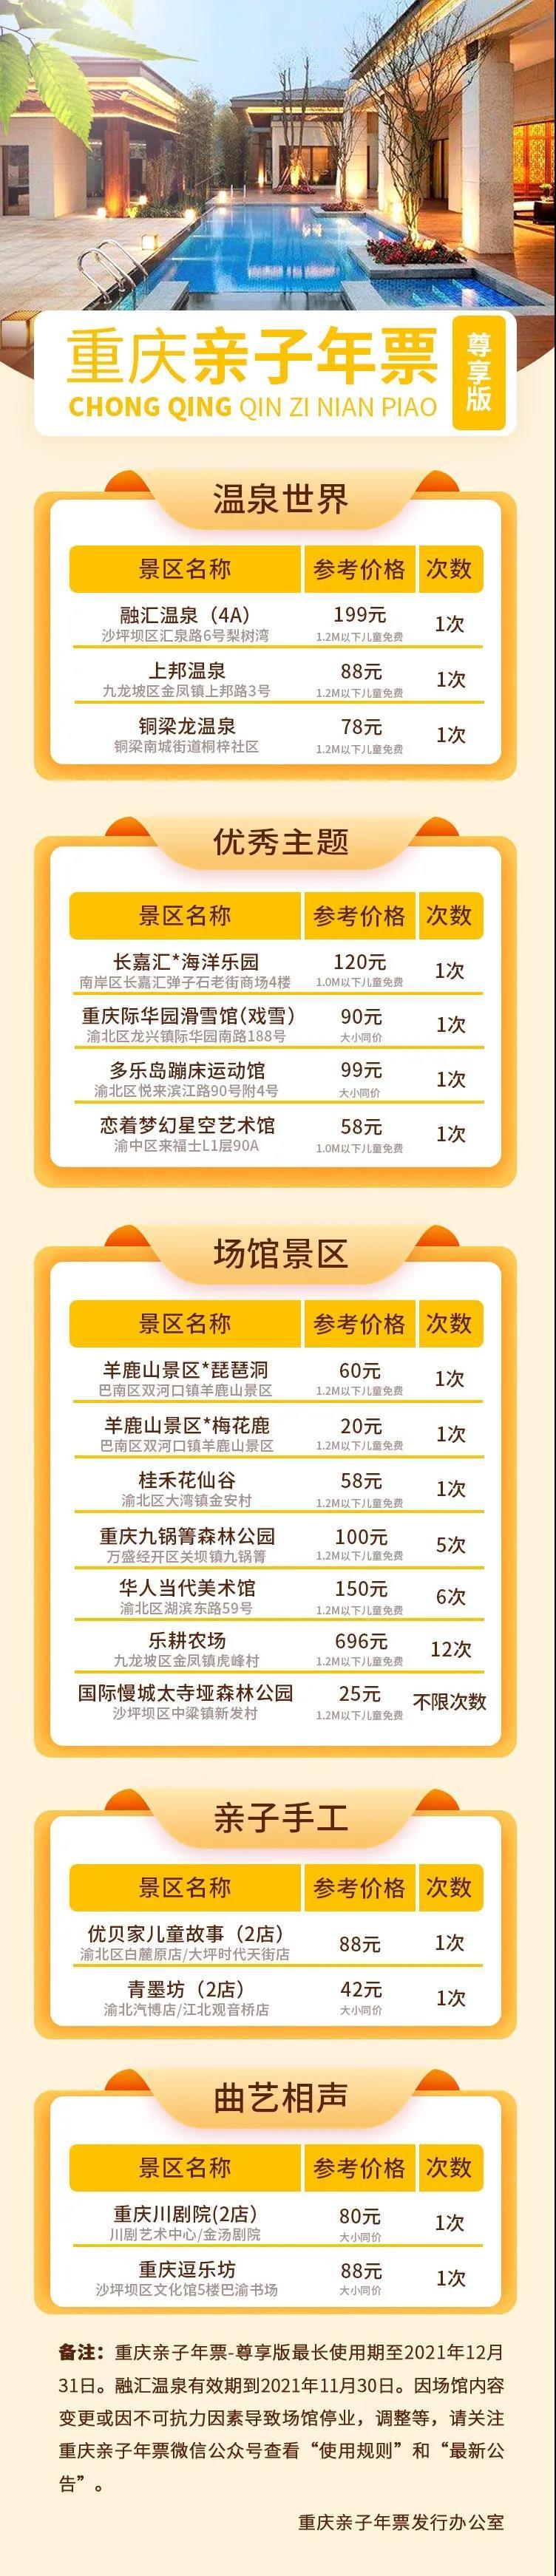 重庆亲子年票特惠价168元含融汇温泉、海洋馆等